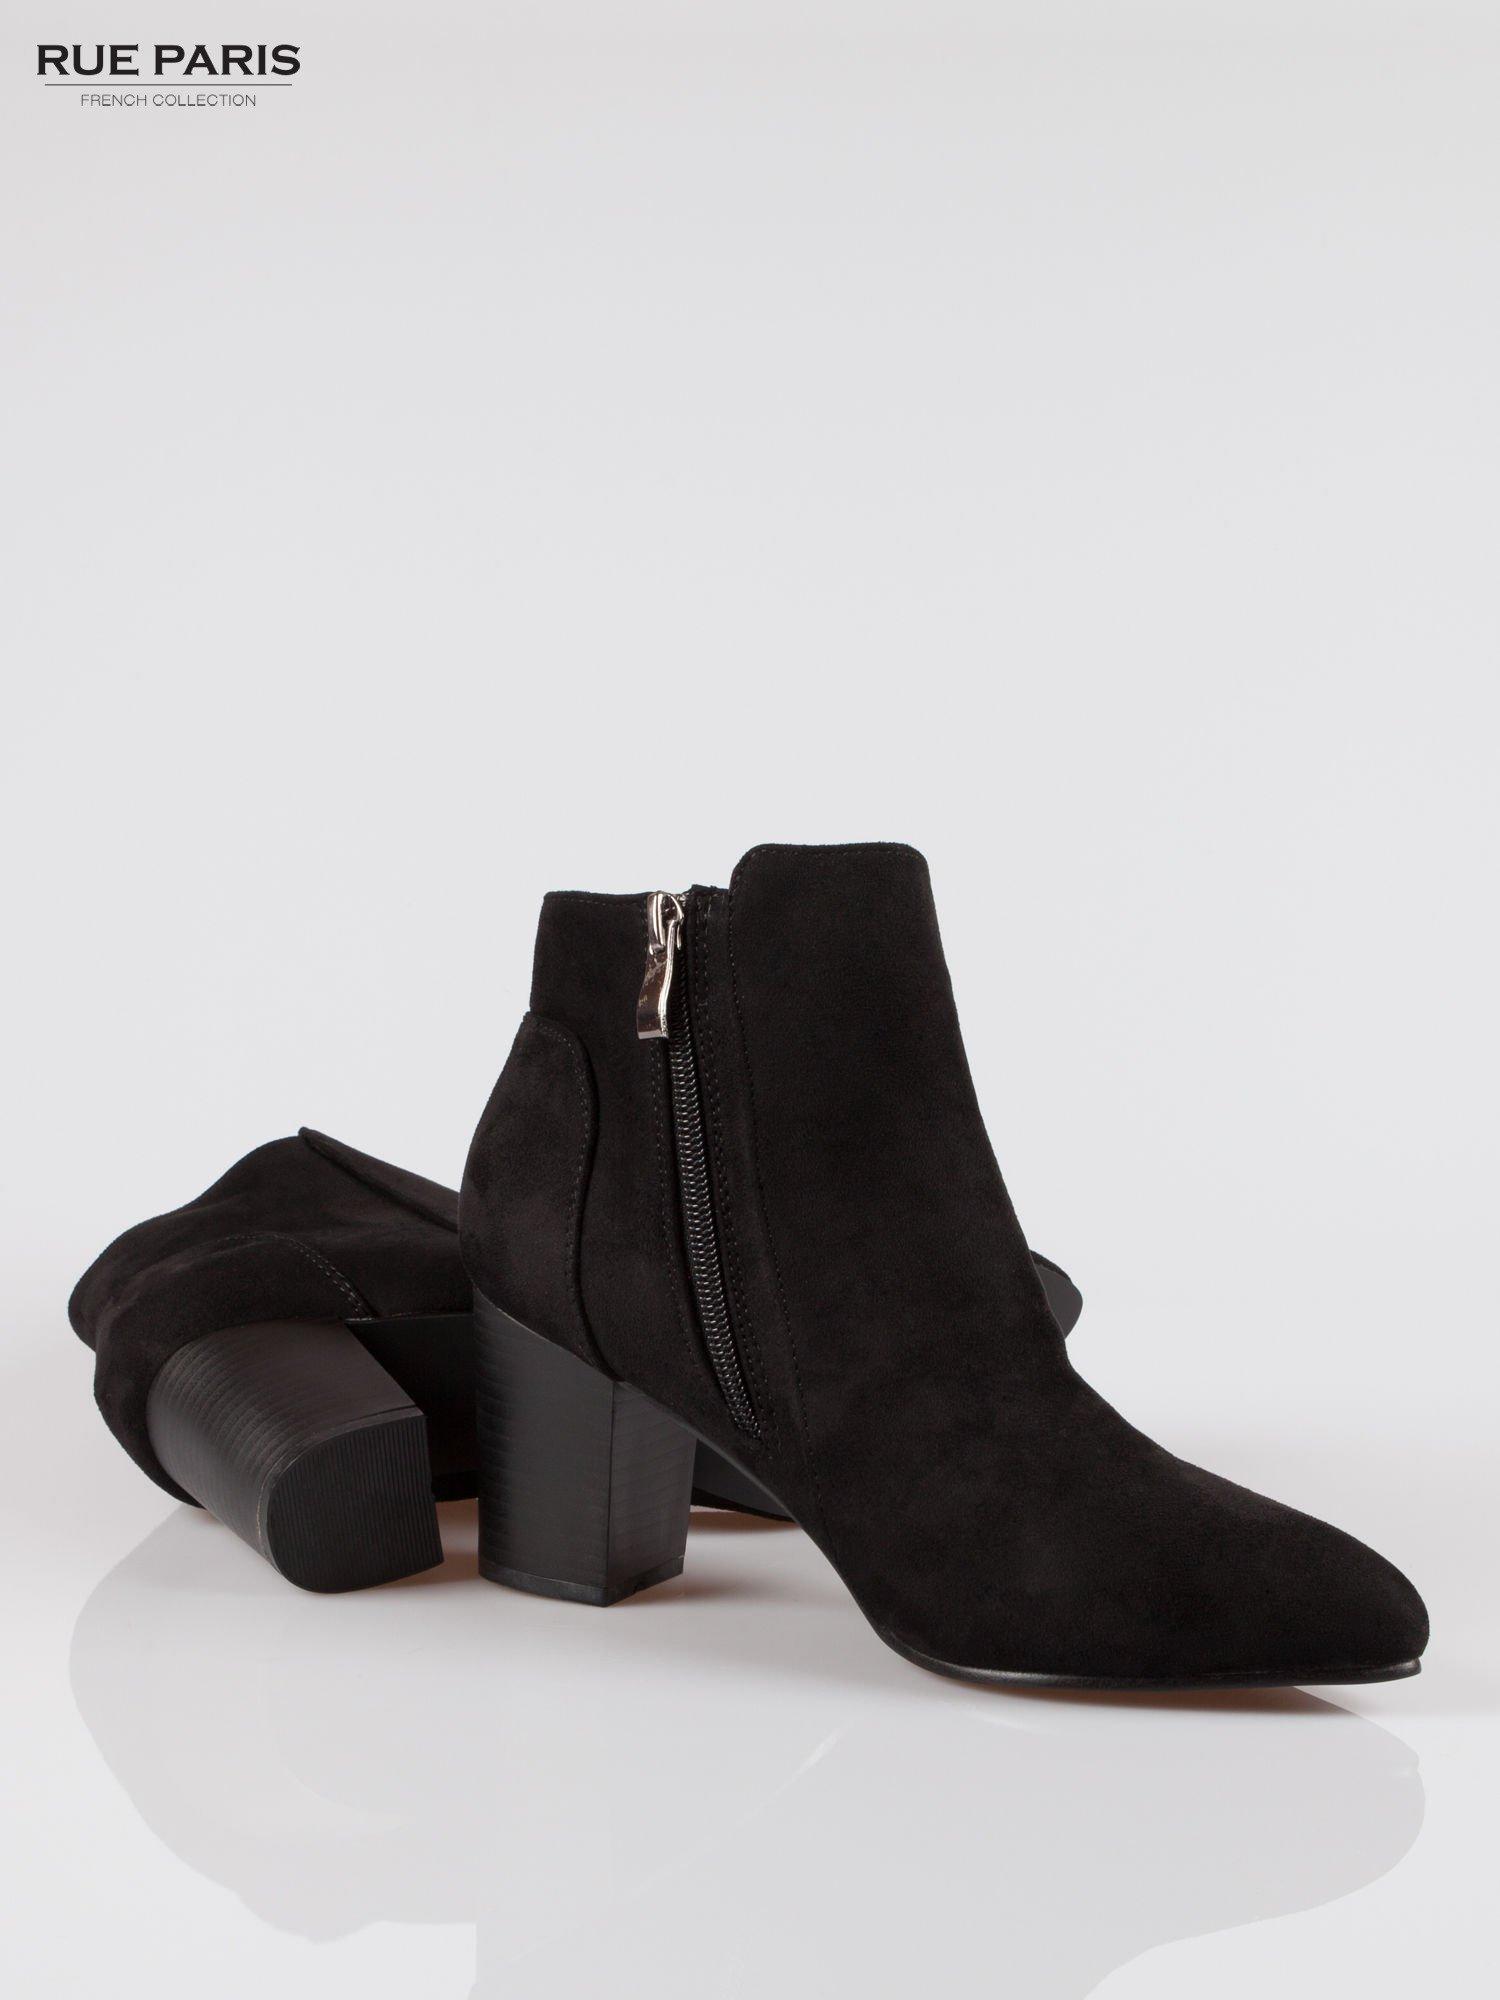 Czarne zamszowe botki ankle heels na słupku                                  zdj.                                  4